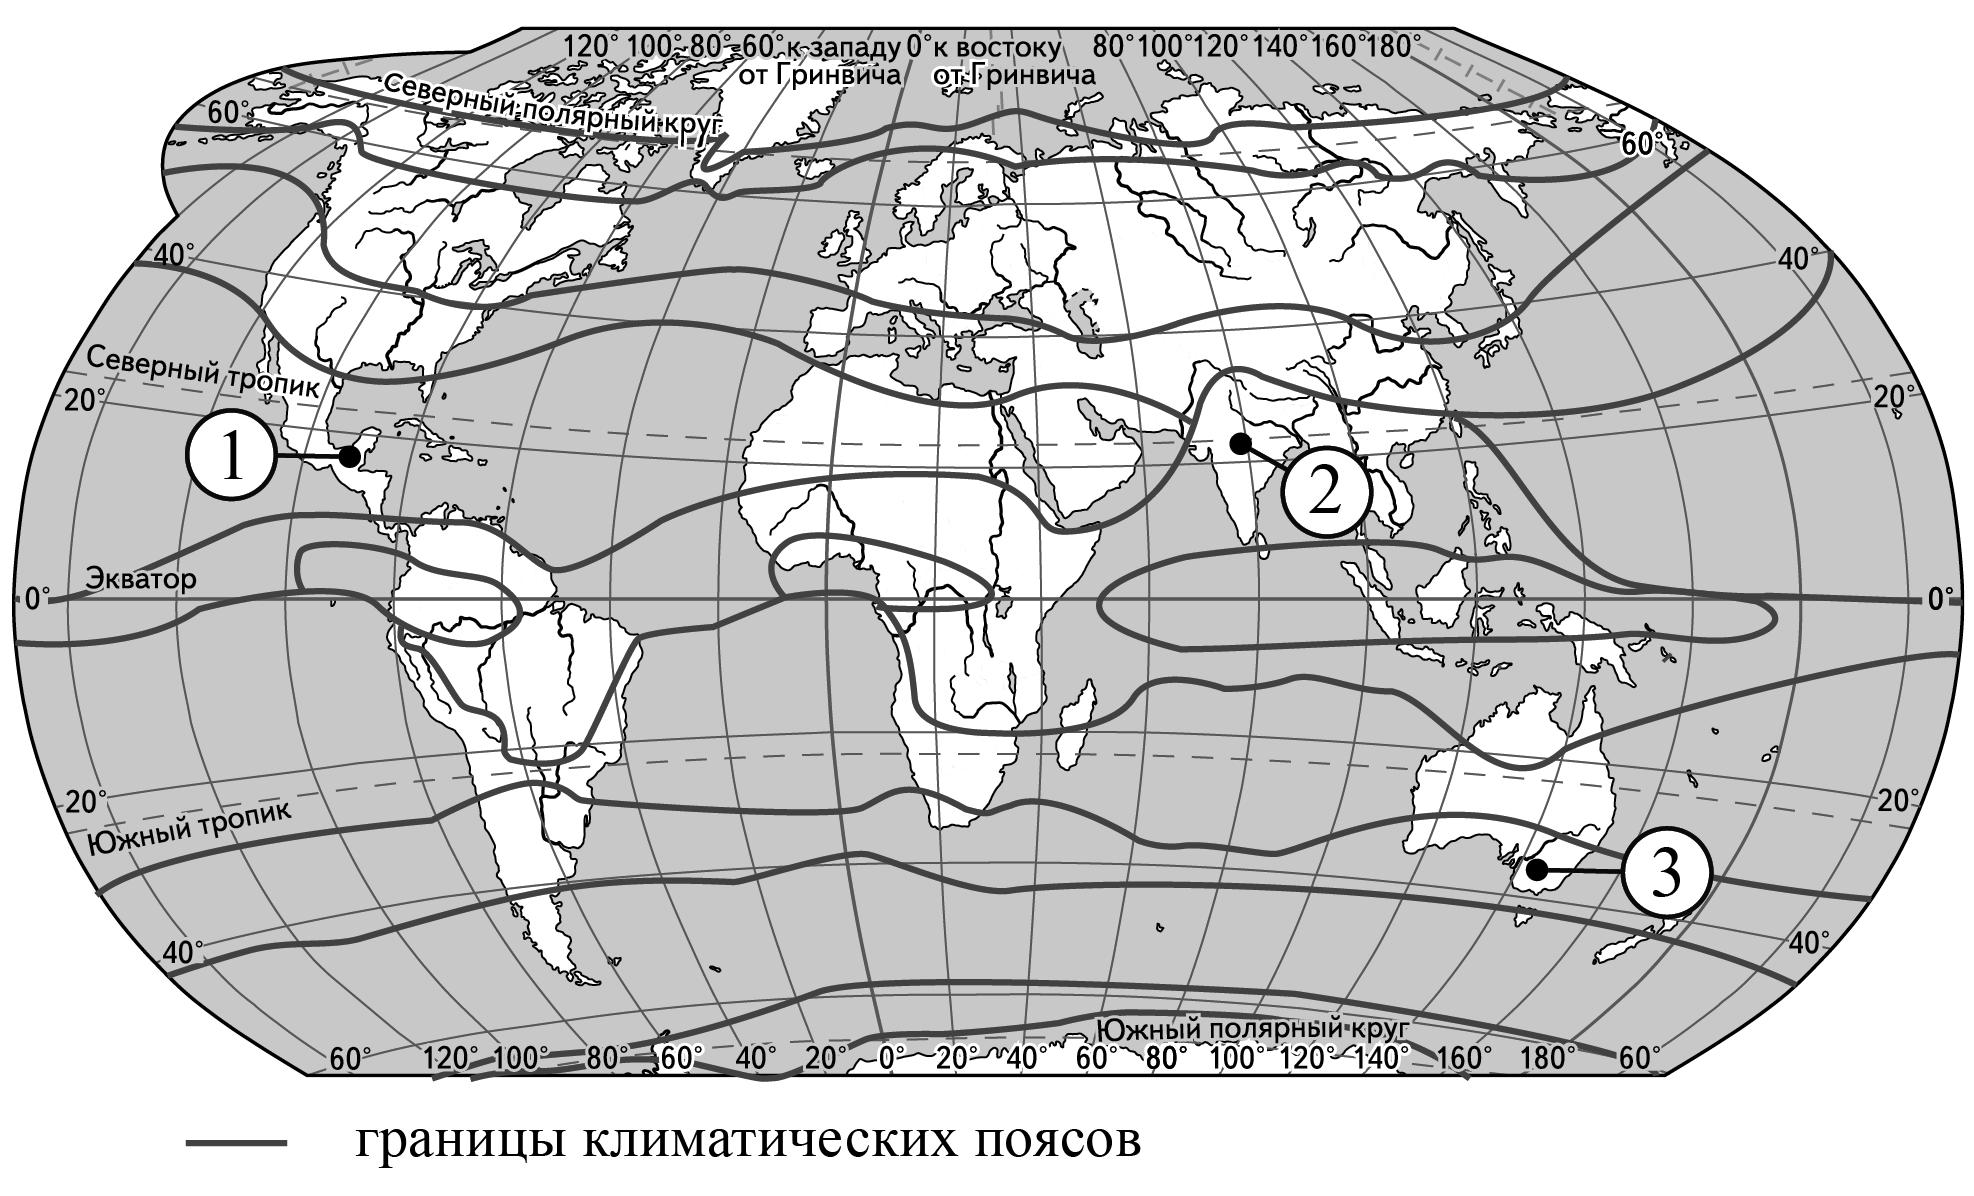 Установите соответствие между точкой, обозначенной на карте мира, и климатическим поясом, в котором она расположена: к каждому элементу первого столбца подберите соответствующий элемент из второго столбца.